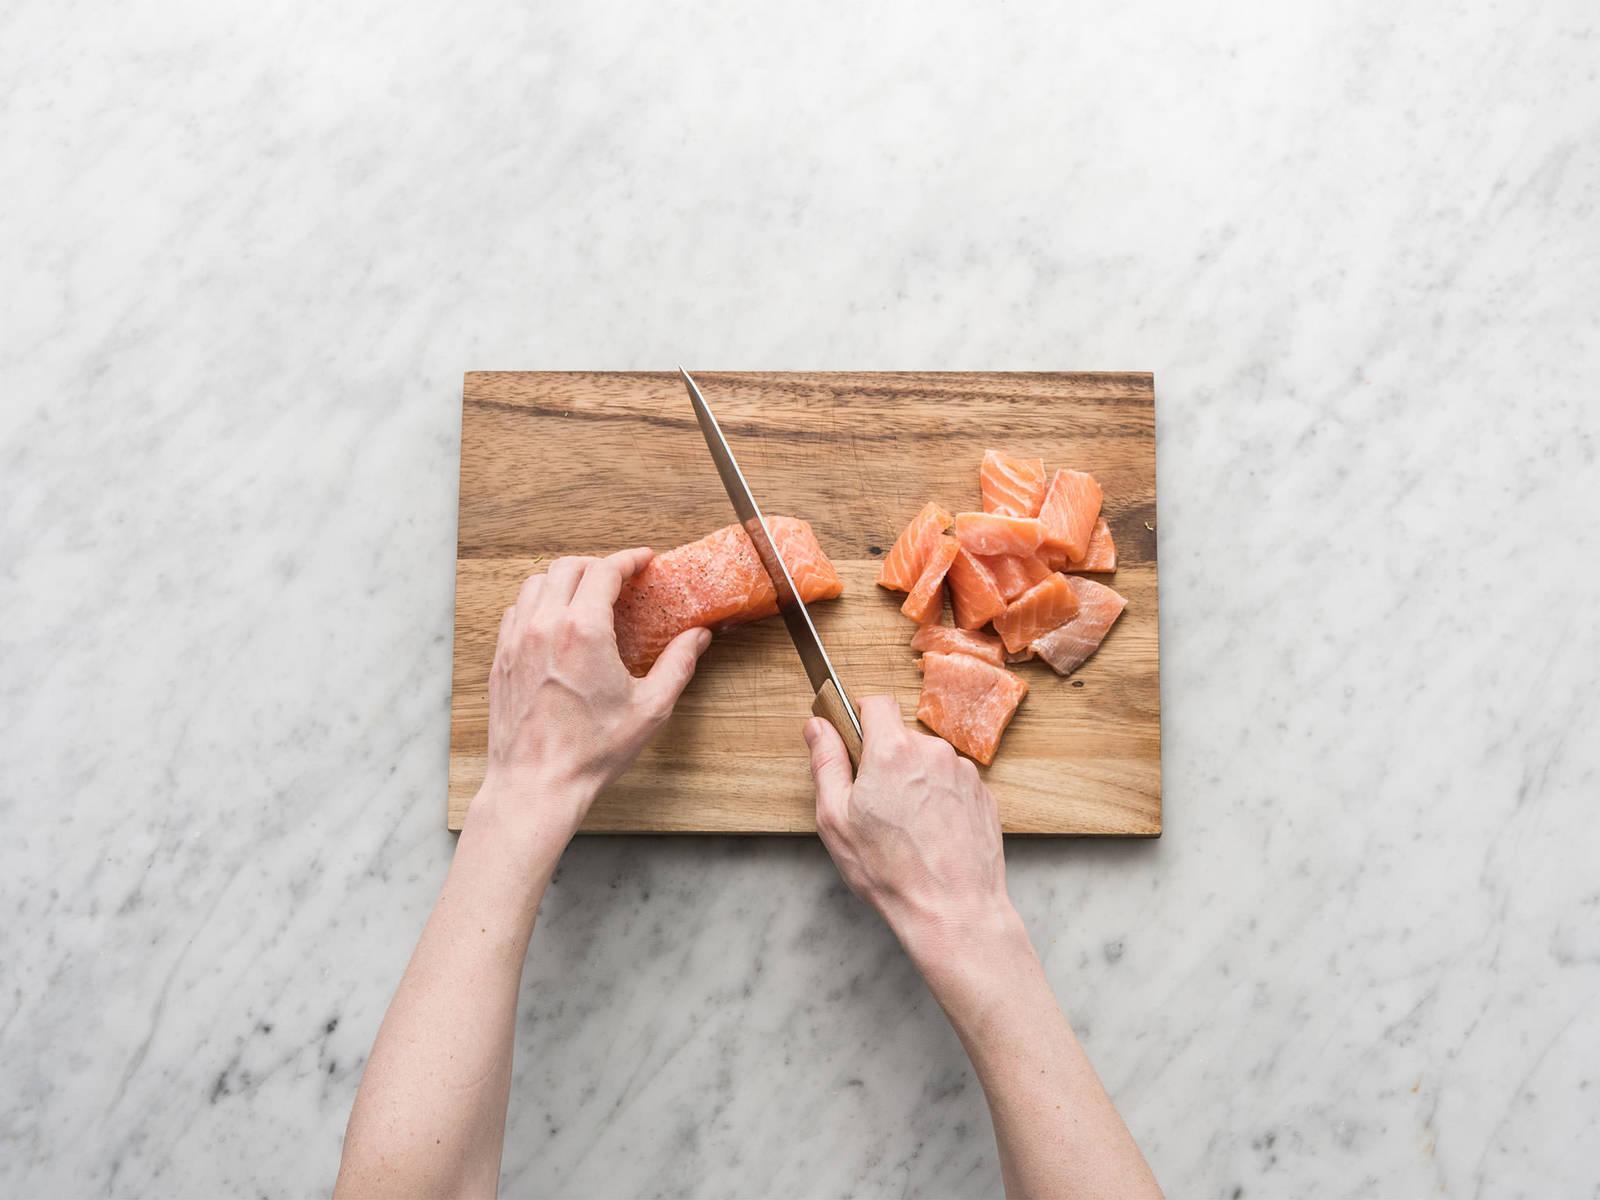 Kartoffeln in dünne Medaillons schneiden. Anschließend großen Topf mit gesalzenem Wasser füllen, aufkochen und Kartoffeln darin ca. 5 Min. blanchieren. Zitrone halbieren. Eine Hälfte auspressen und andere Hälfte in Spalten schneiden. Hälfte des Zitronensafts mit dem Lachs in einer großen Schüssel vermengen. Mit Salz und Pfeffer würzen und in mundgerechte Stücke schneiden. Dill und Kerbel fein hacken.